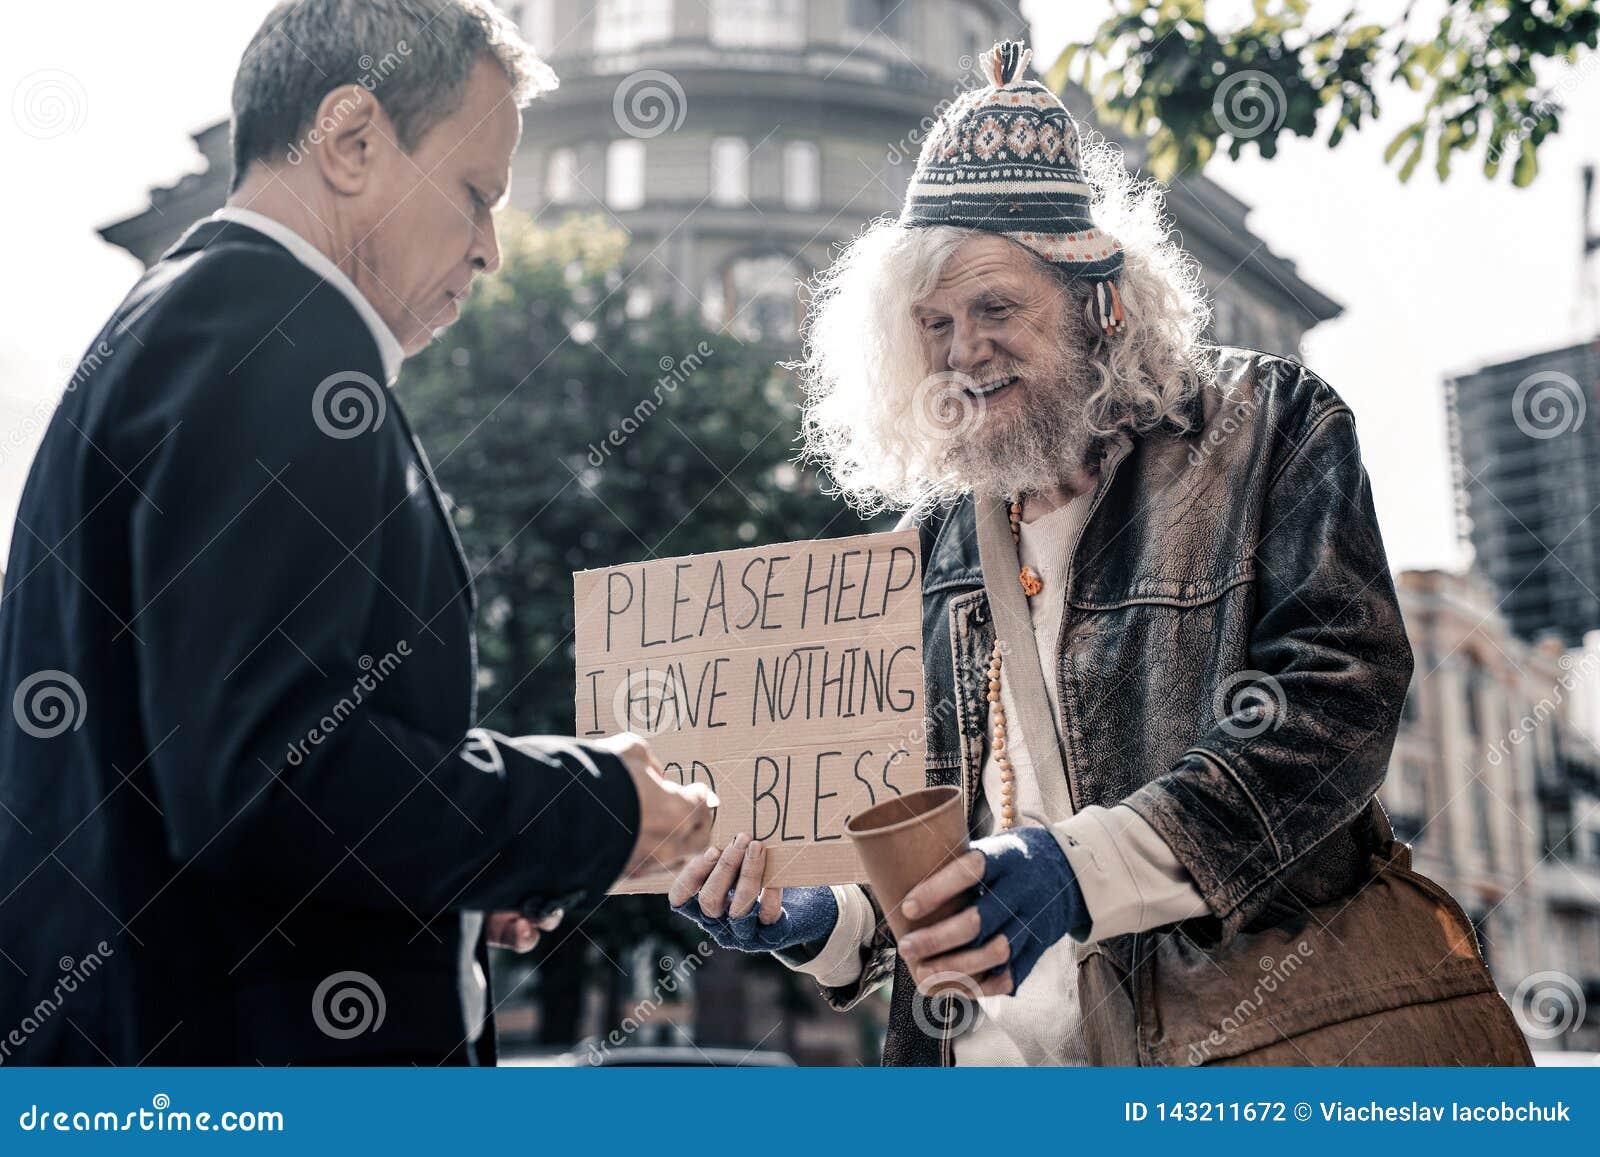 Dankbarer langhaariger alter Mann, der leere Kaffeetasse vorschlägt